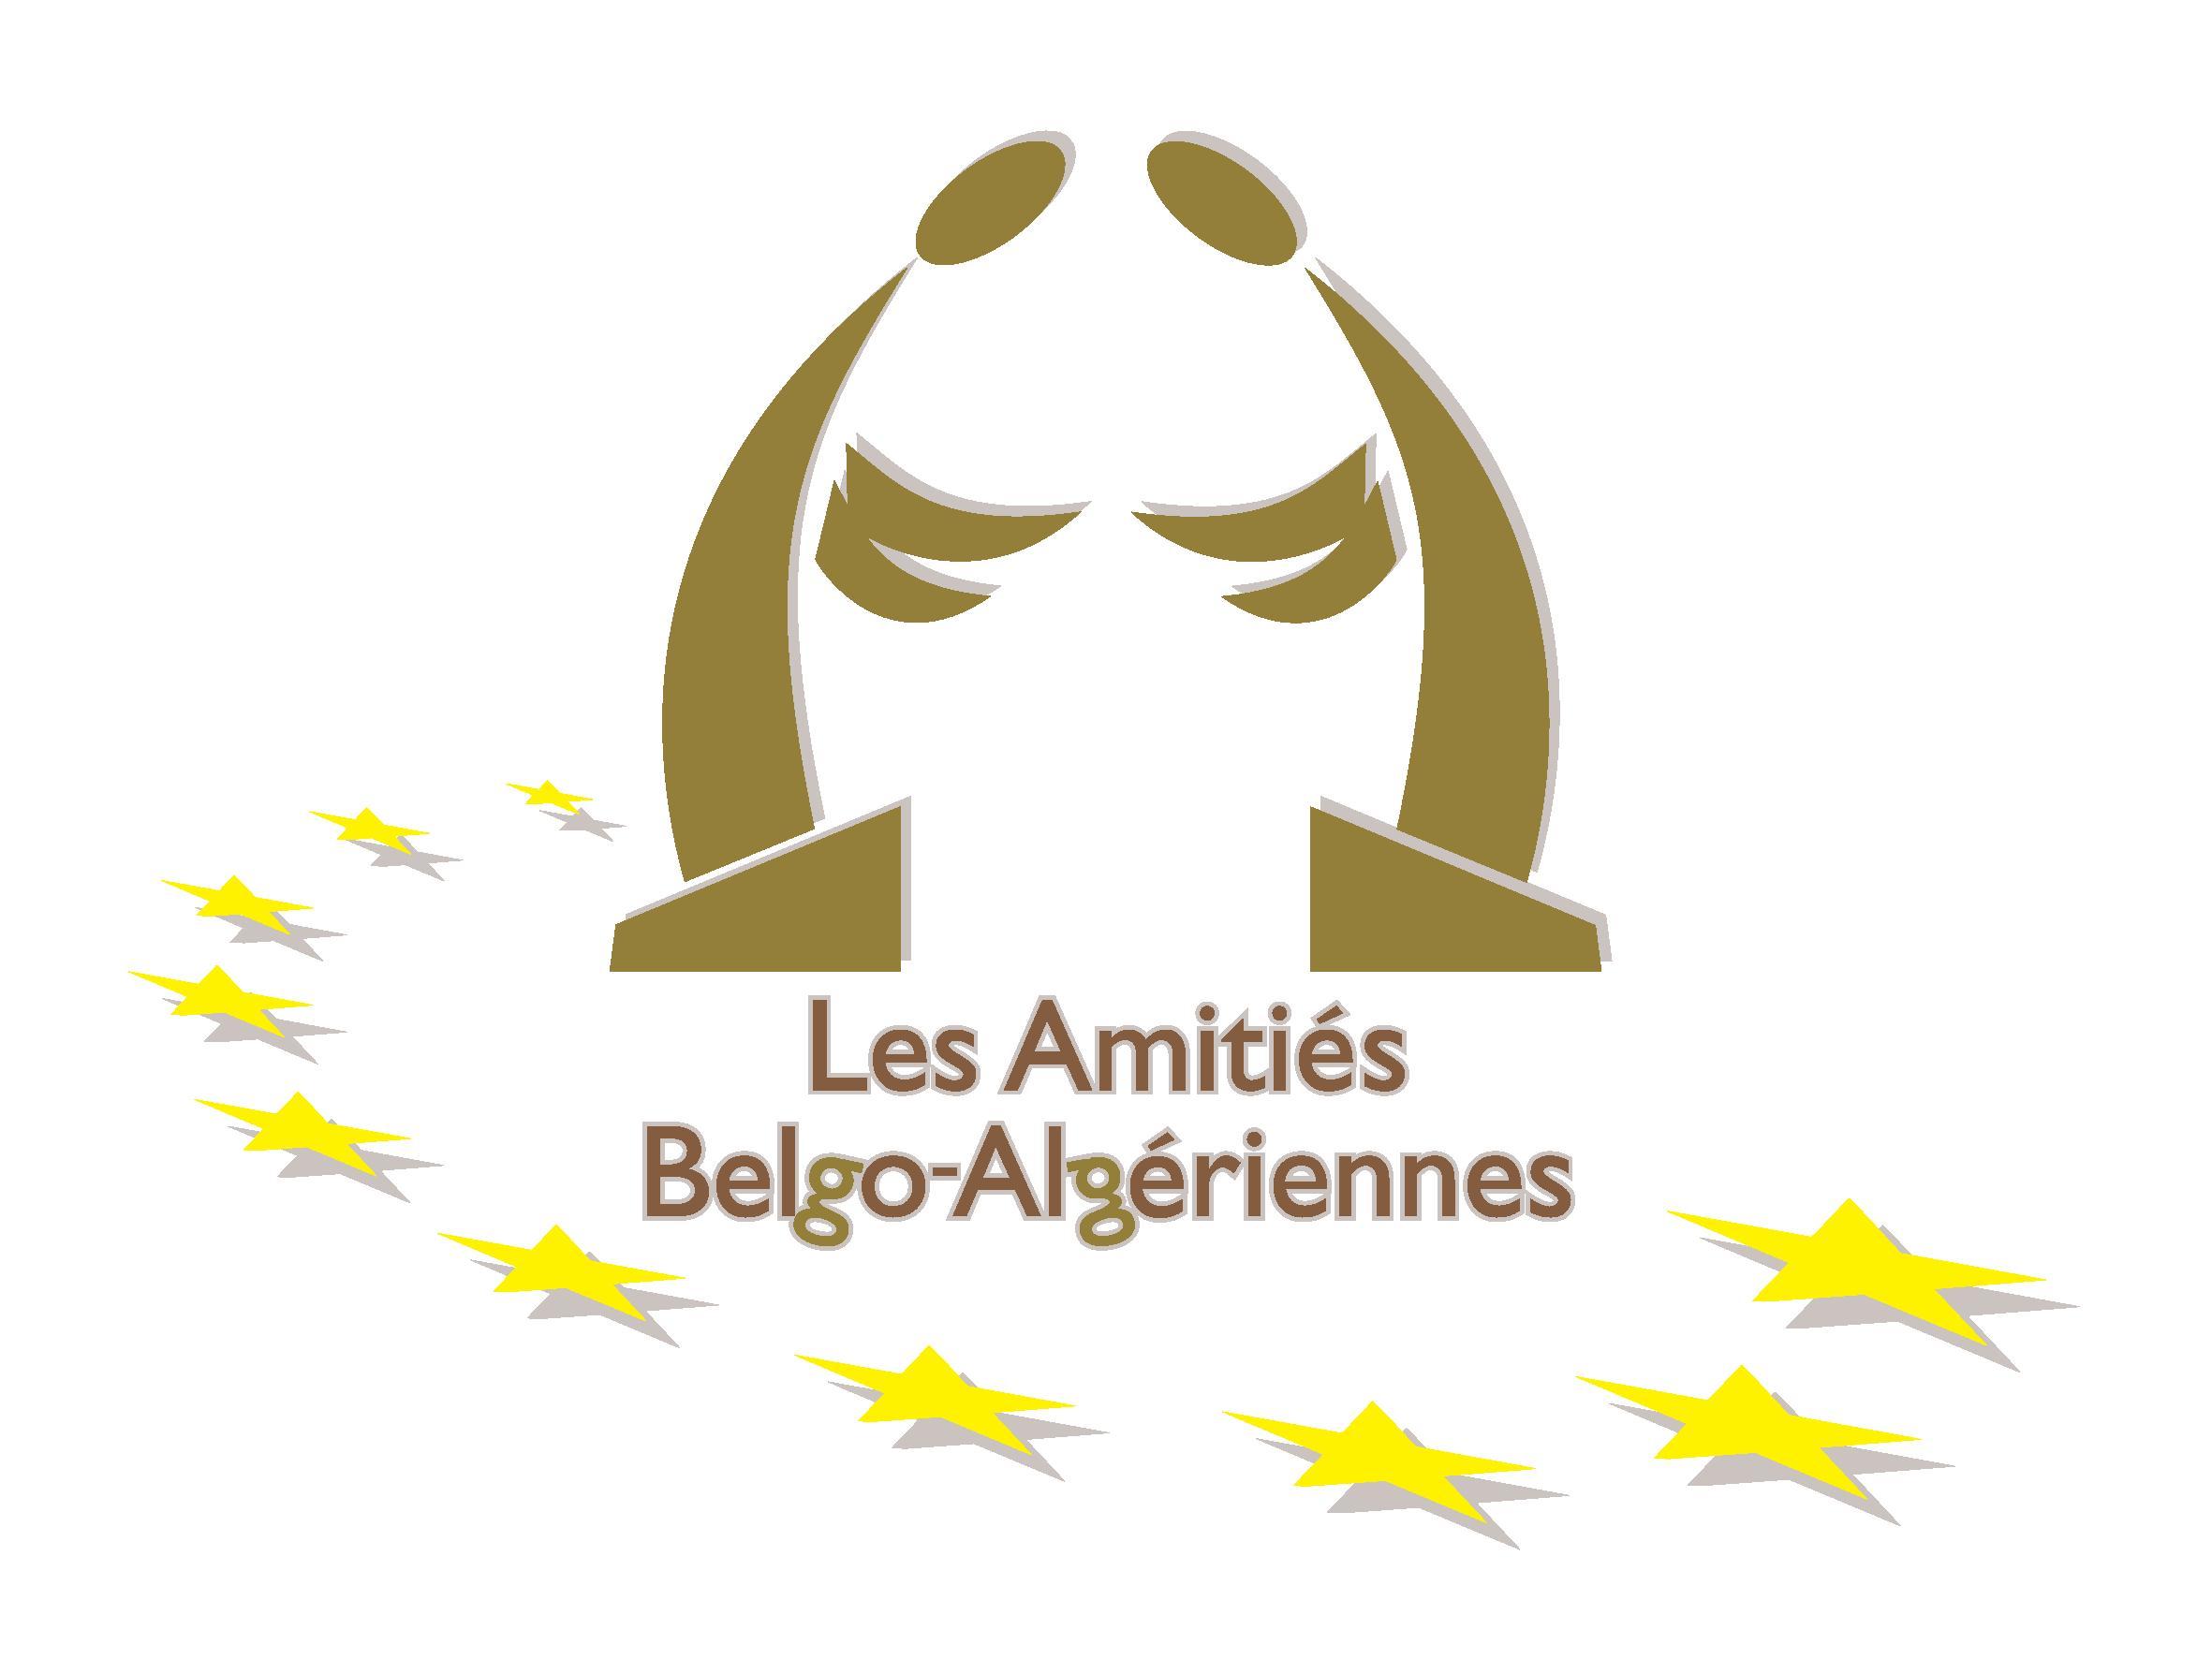 Am_Belgo_Algerienne-logo-page-001